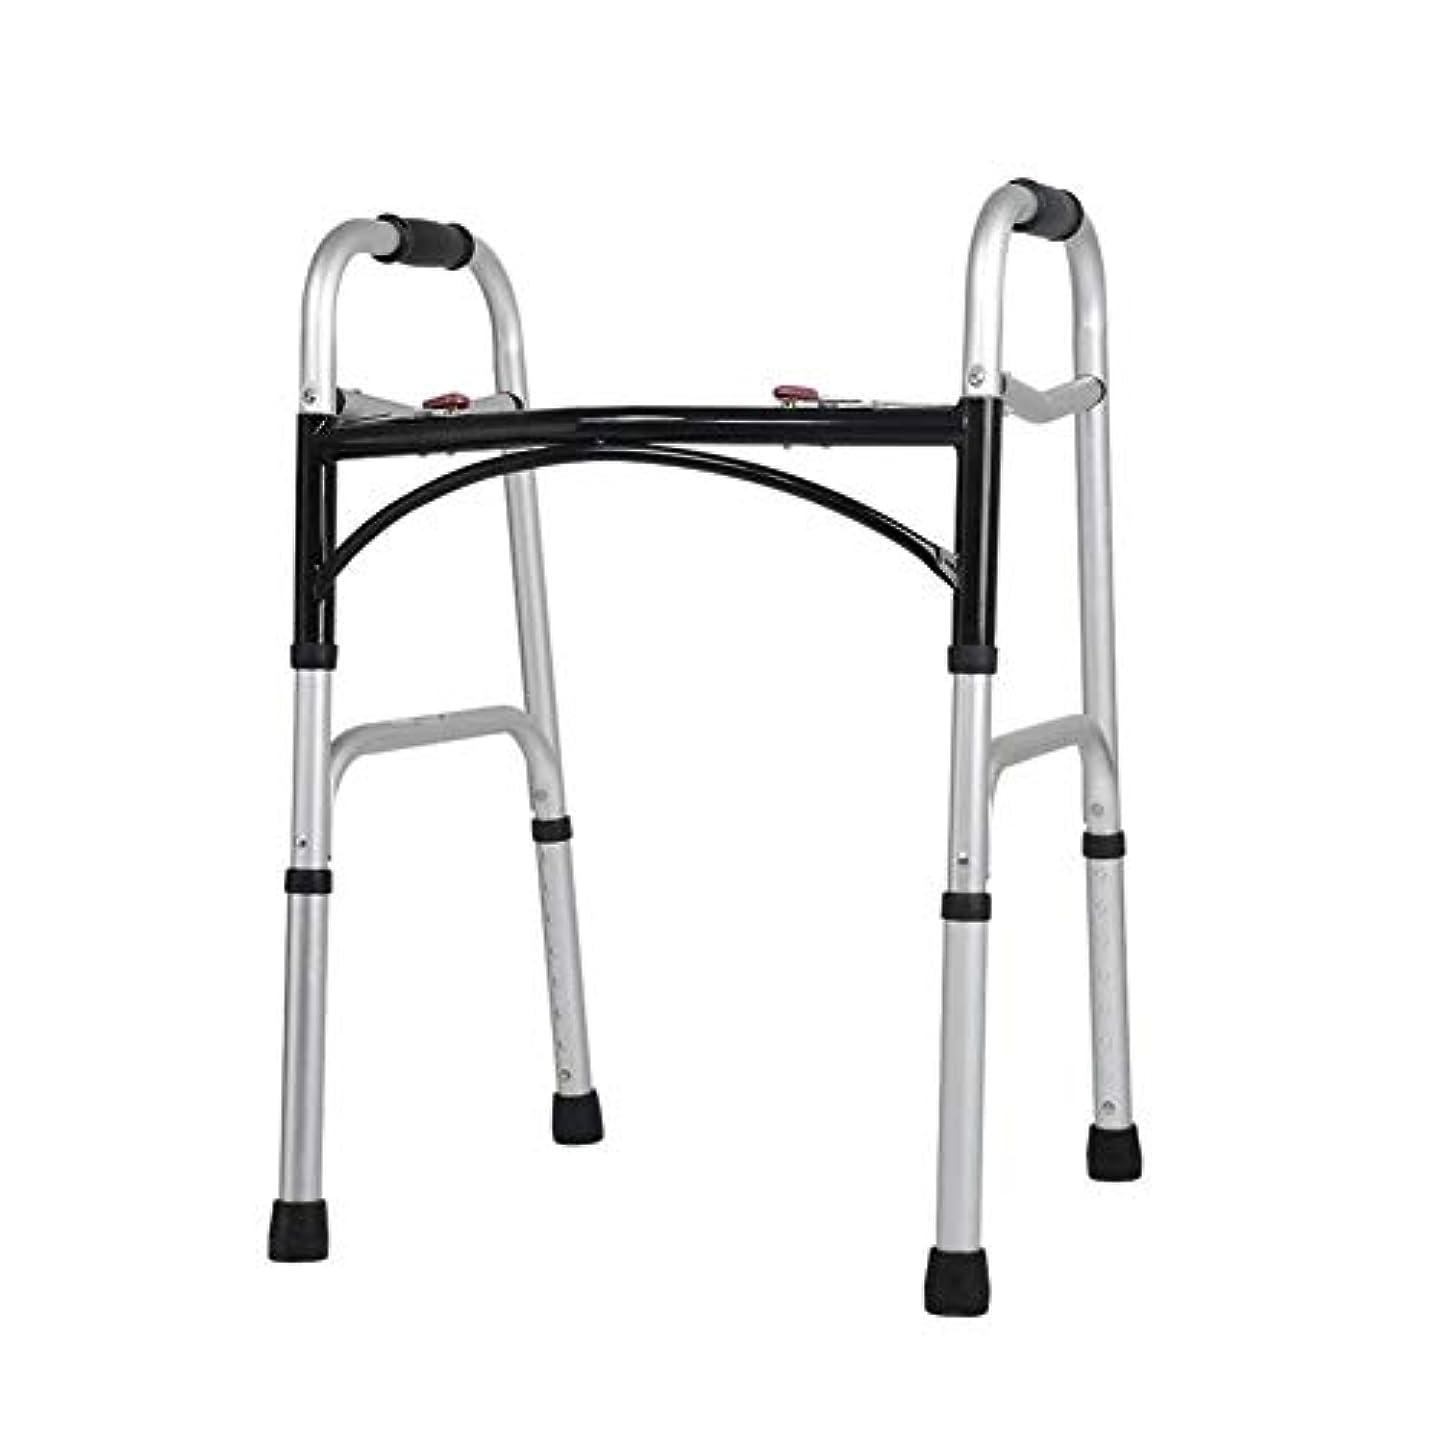 受賞ゴージャスゴシップ非車輪付き折りたたみ歩行フレーム、多機能高齢者歩行ブラケット無効双腕歩行器